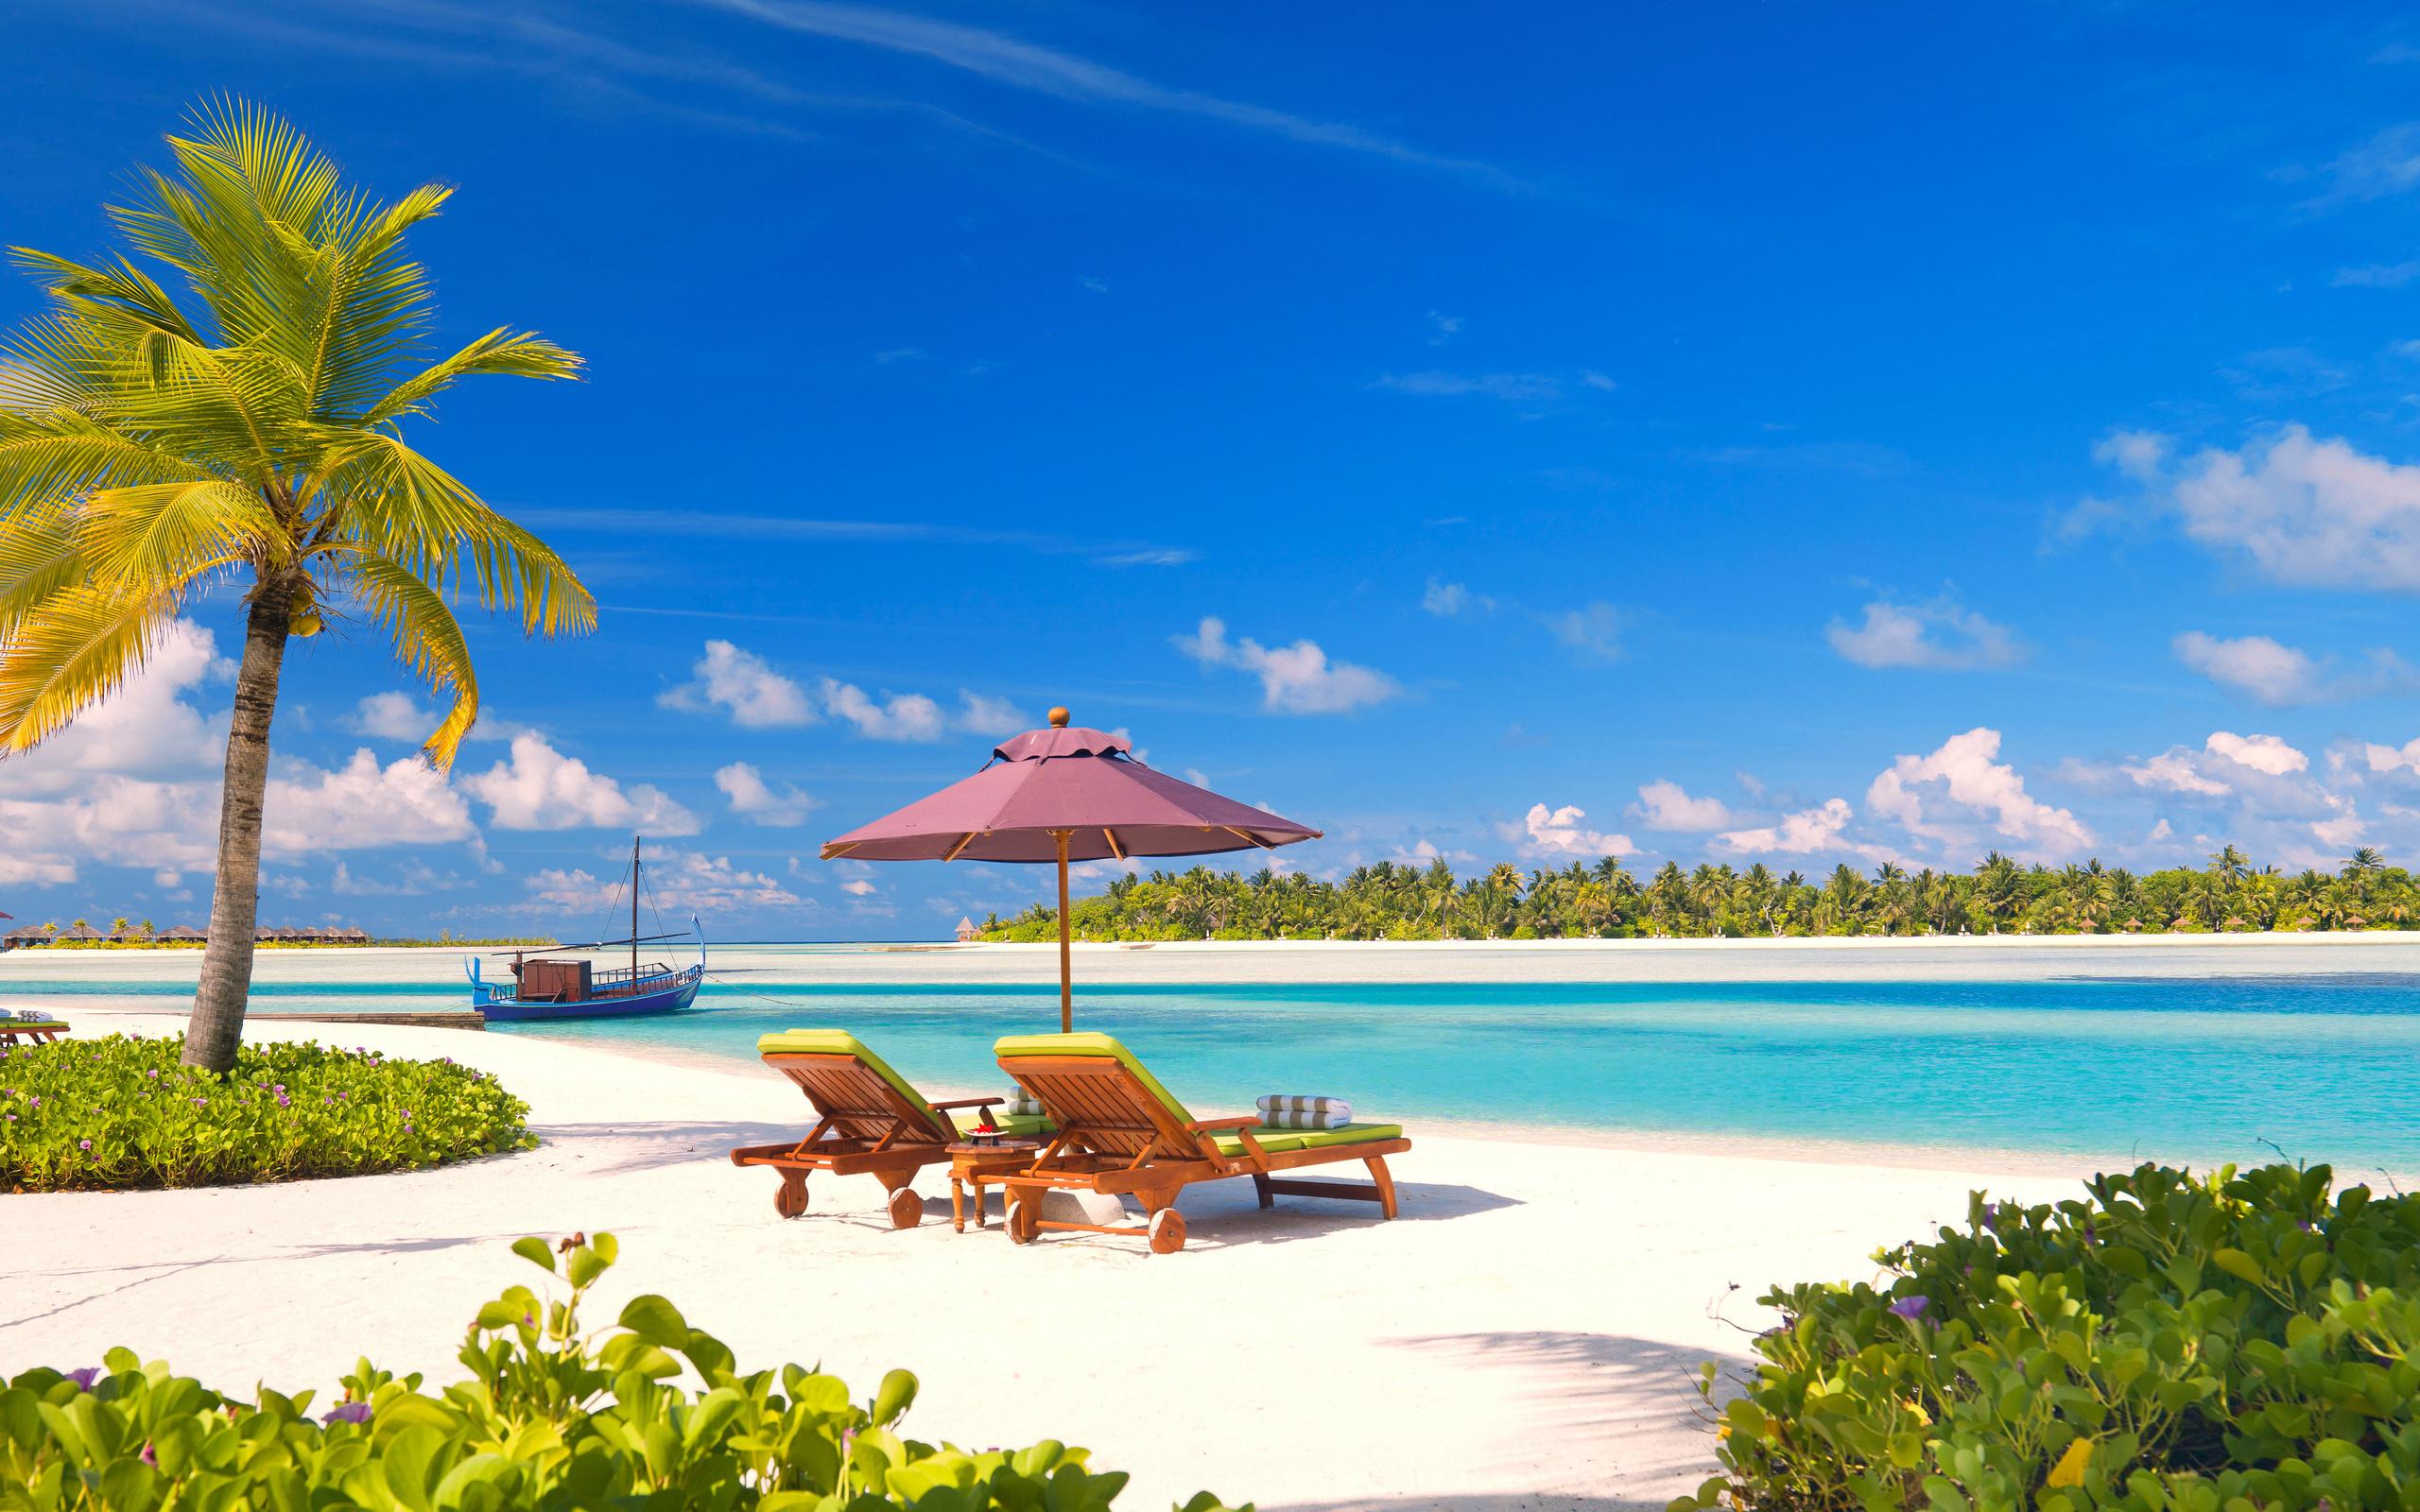 море, пляж, пальмы, отдых, тропики, мальдивы